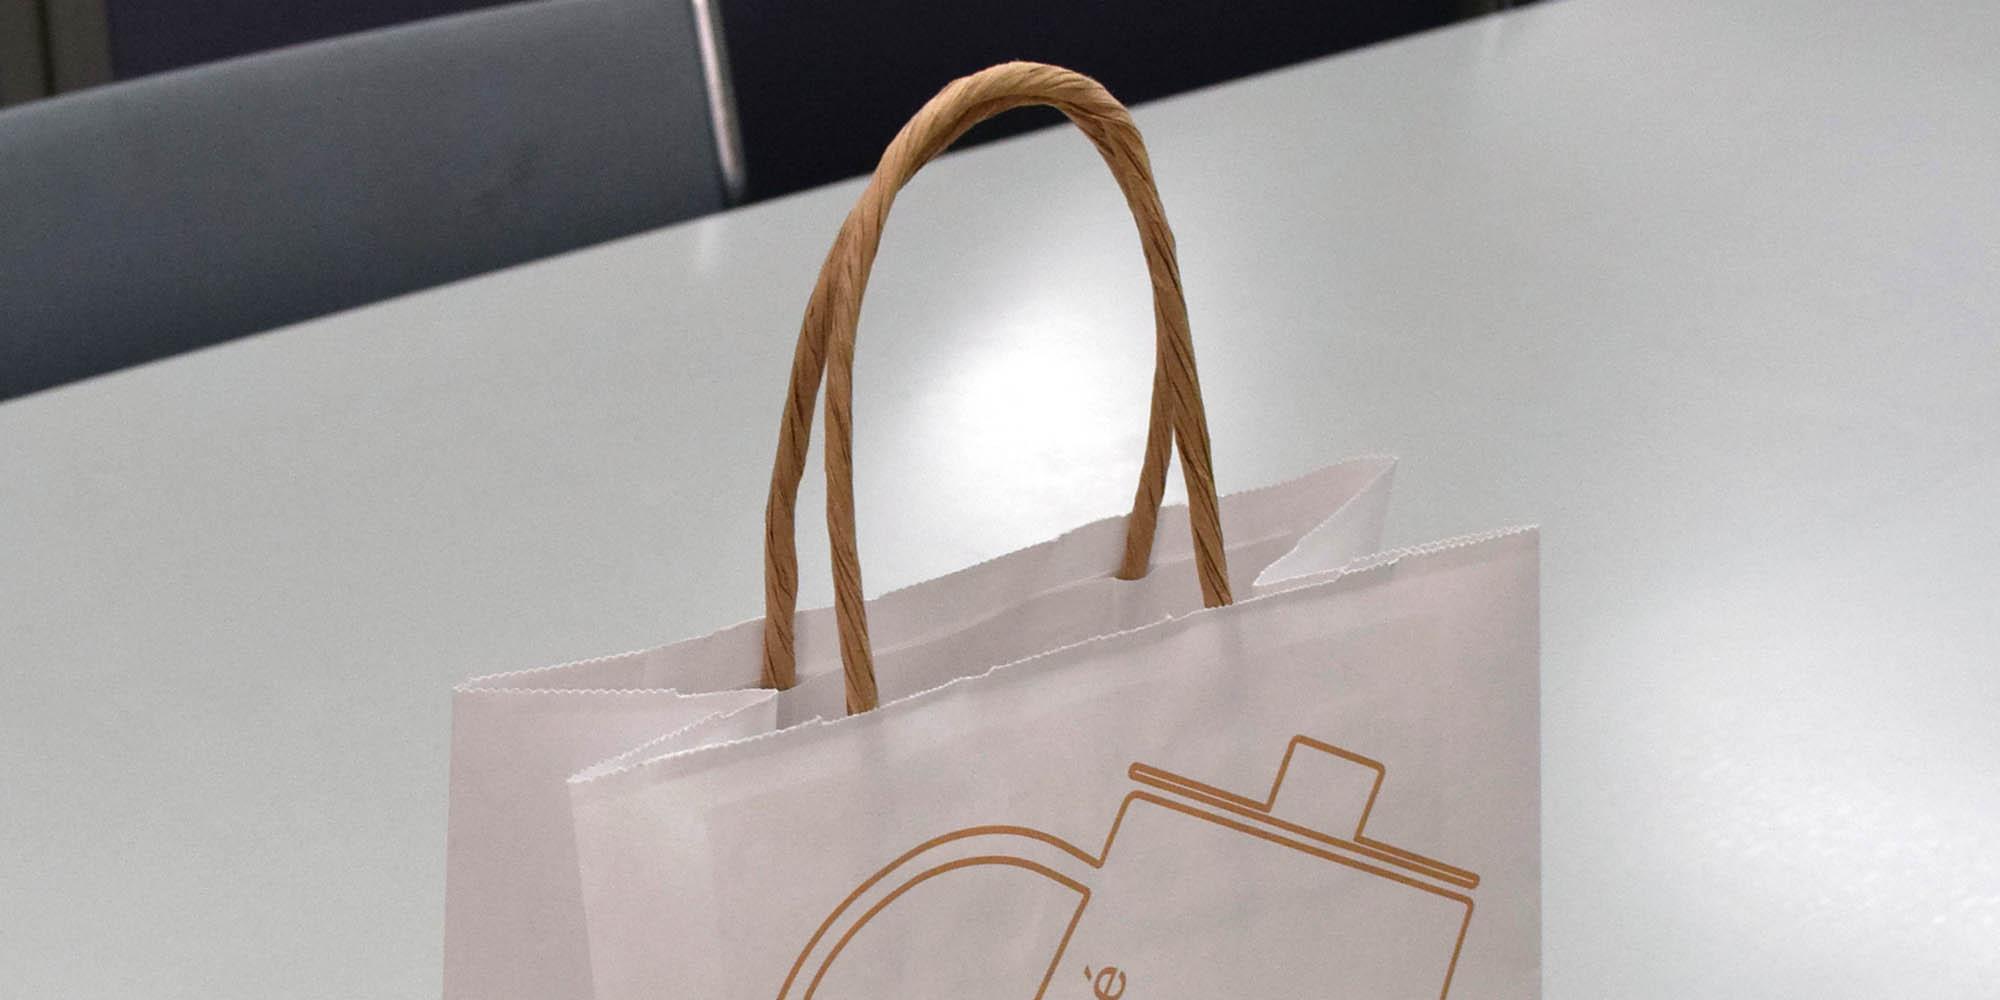 クラフト紙の風合いを活かした、おしゃれなカフェ用のテイクアウト紙袋(フレキソ印刷で大量生産仕様)